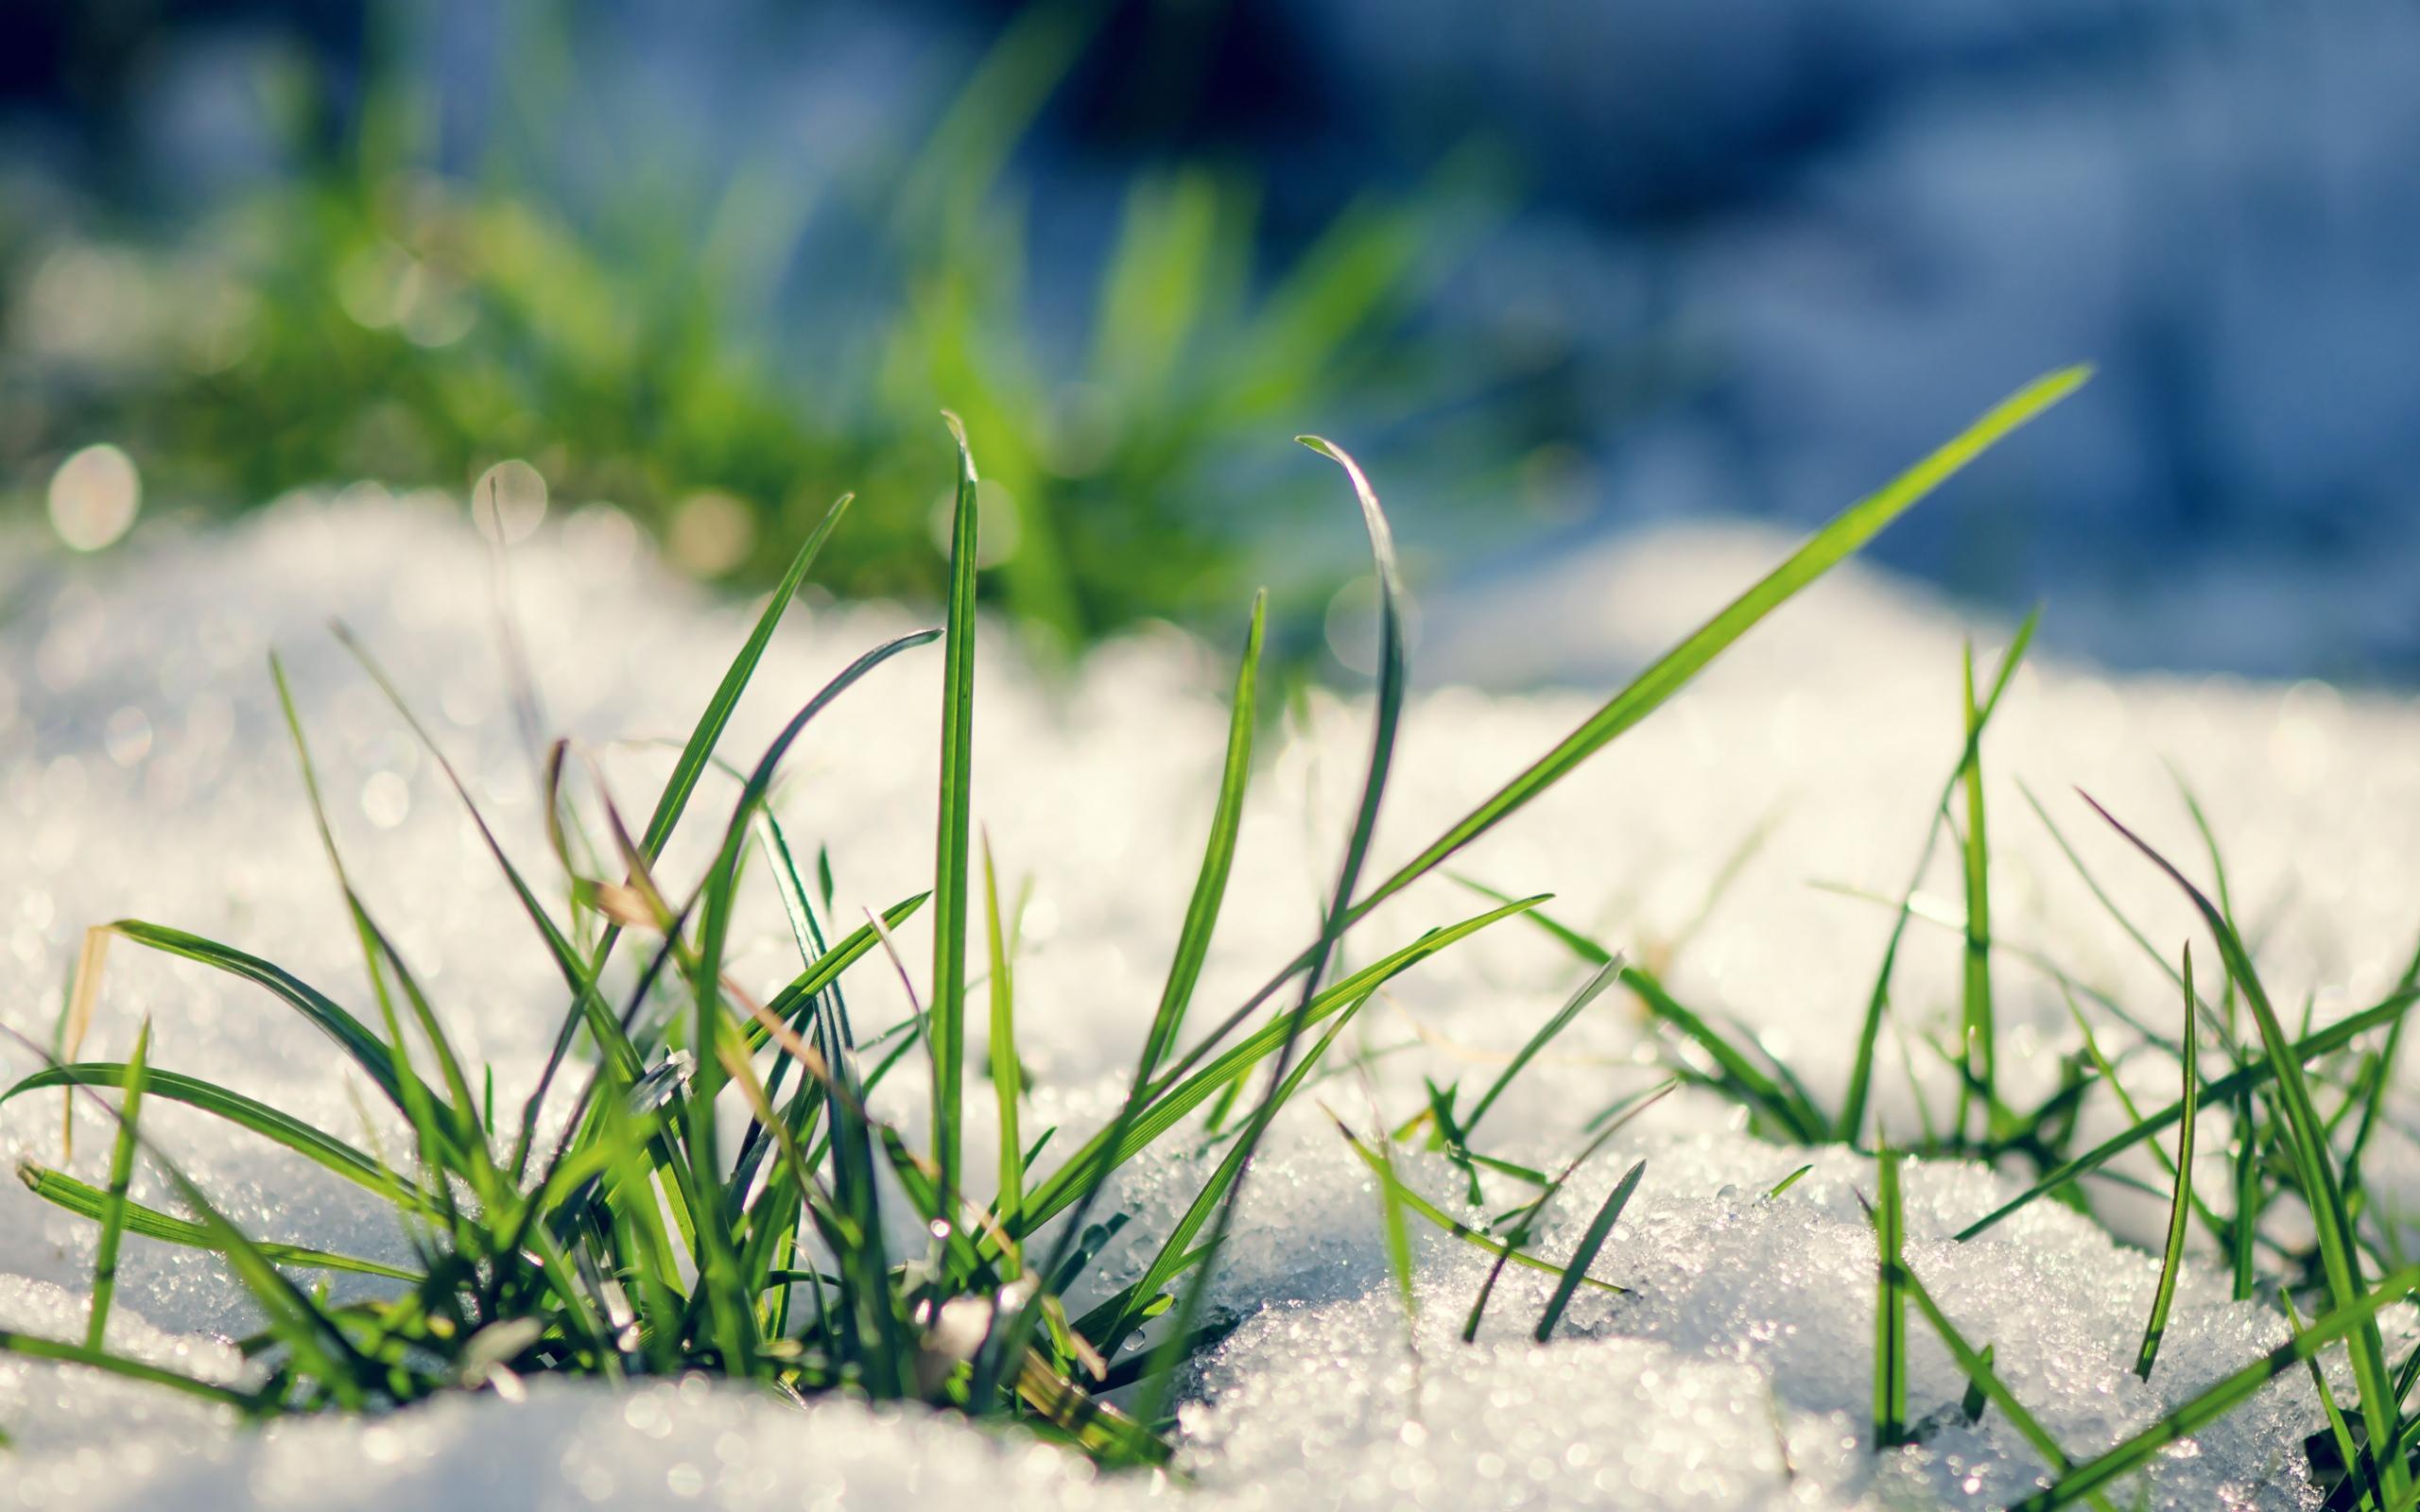 snow wallpaper grass